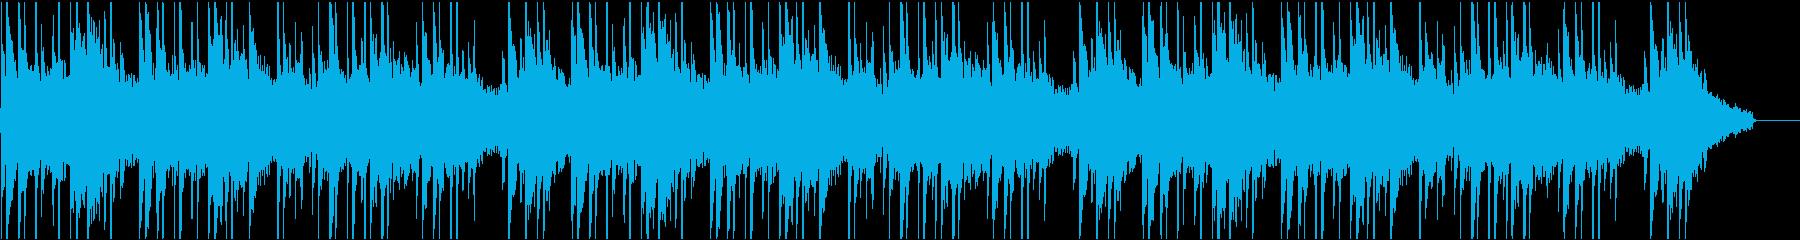 仰げば尊し 和風 琴の再生済みの波形